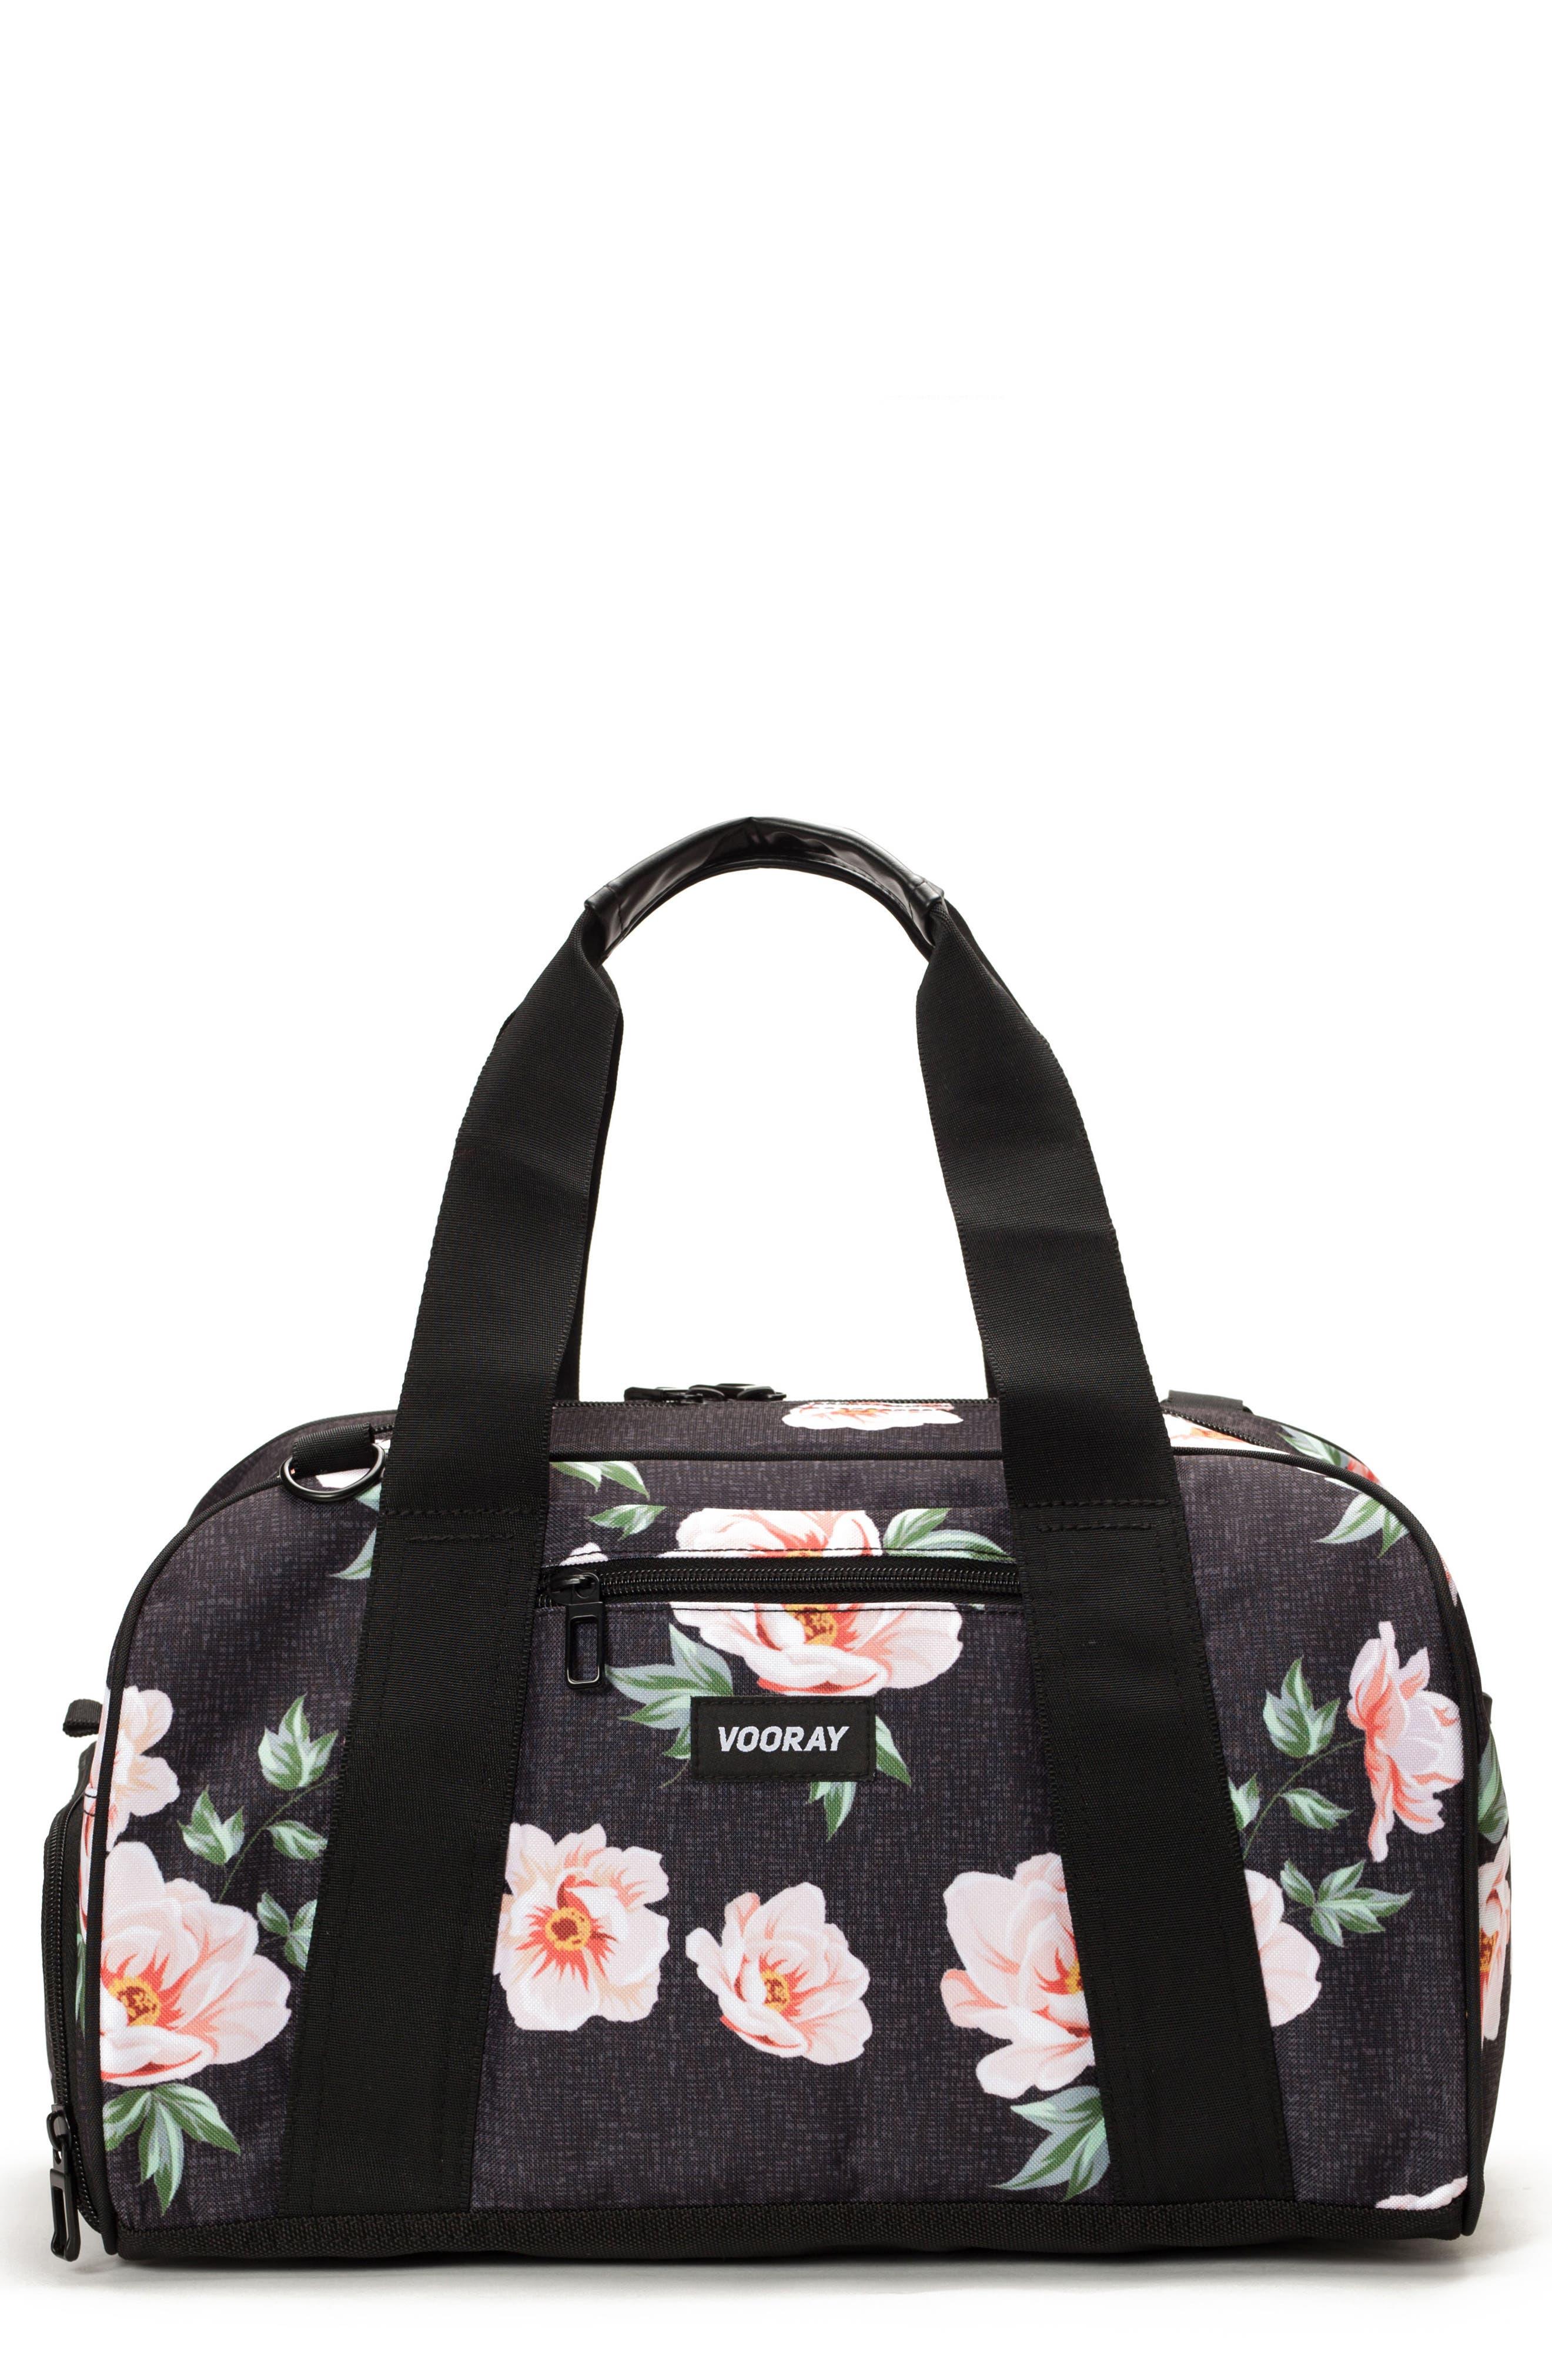 Burner Gym Bag,                         Main,                         color, ROSE BLACK